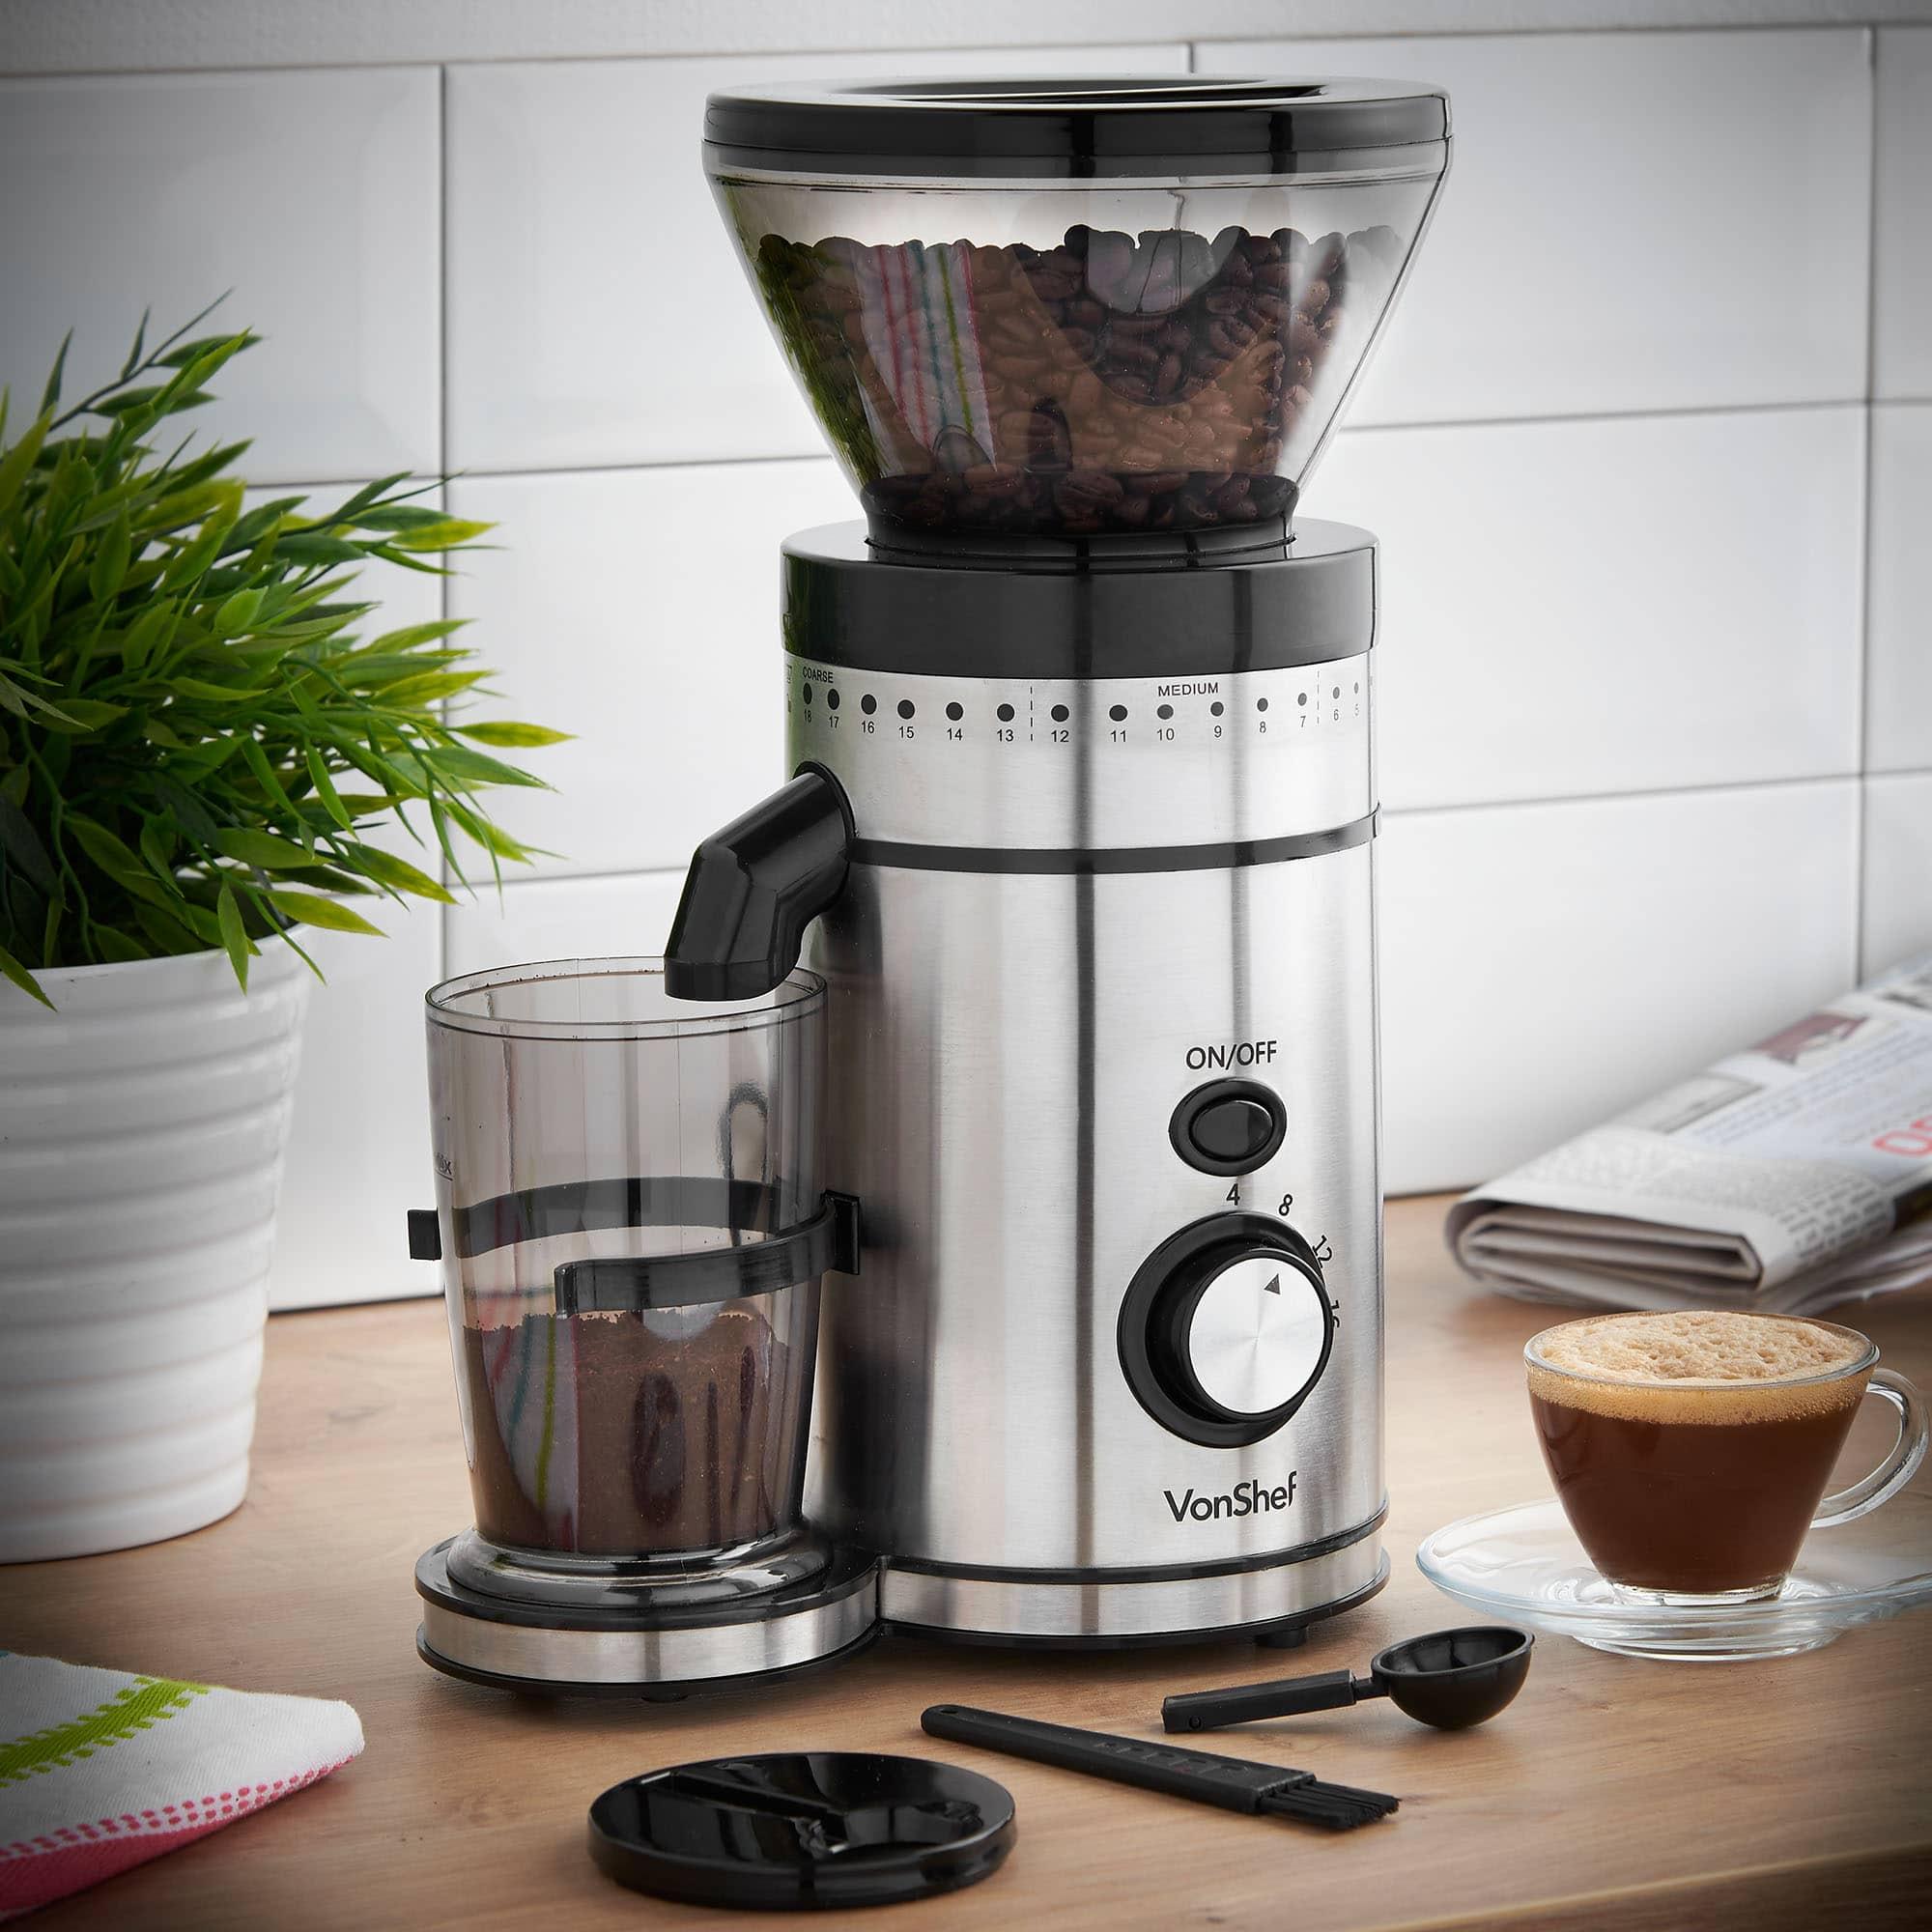 VonShef Premium Burr Coffee Grinder